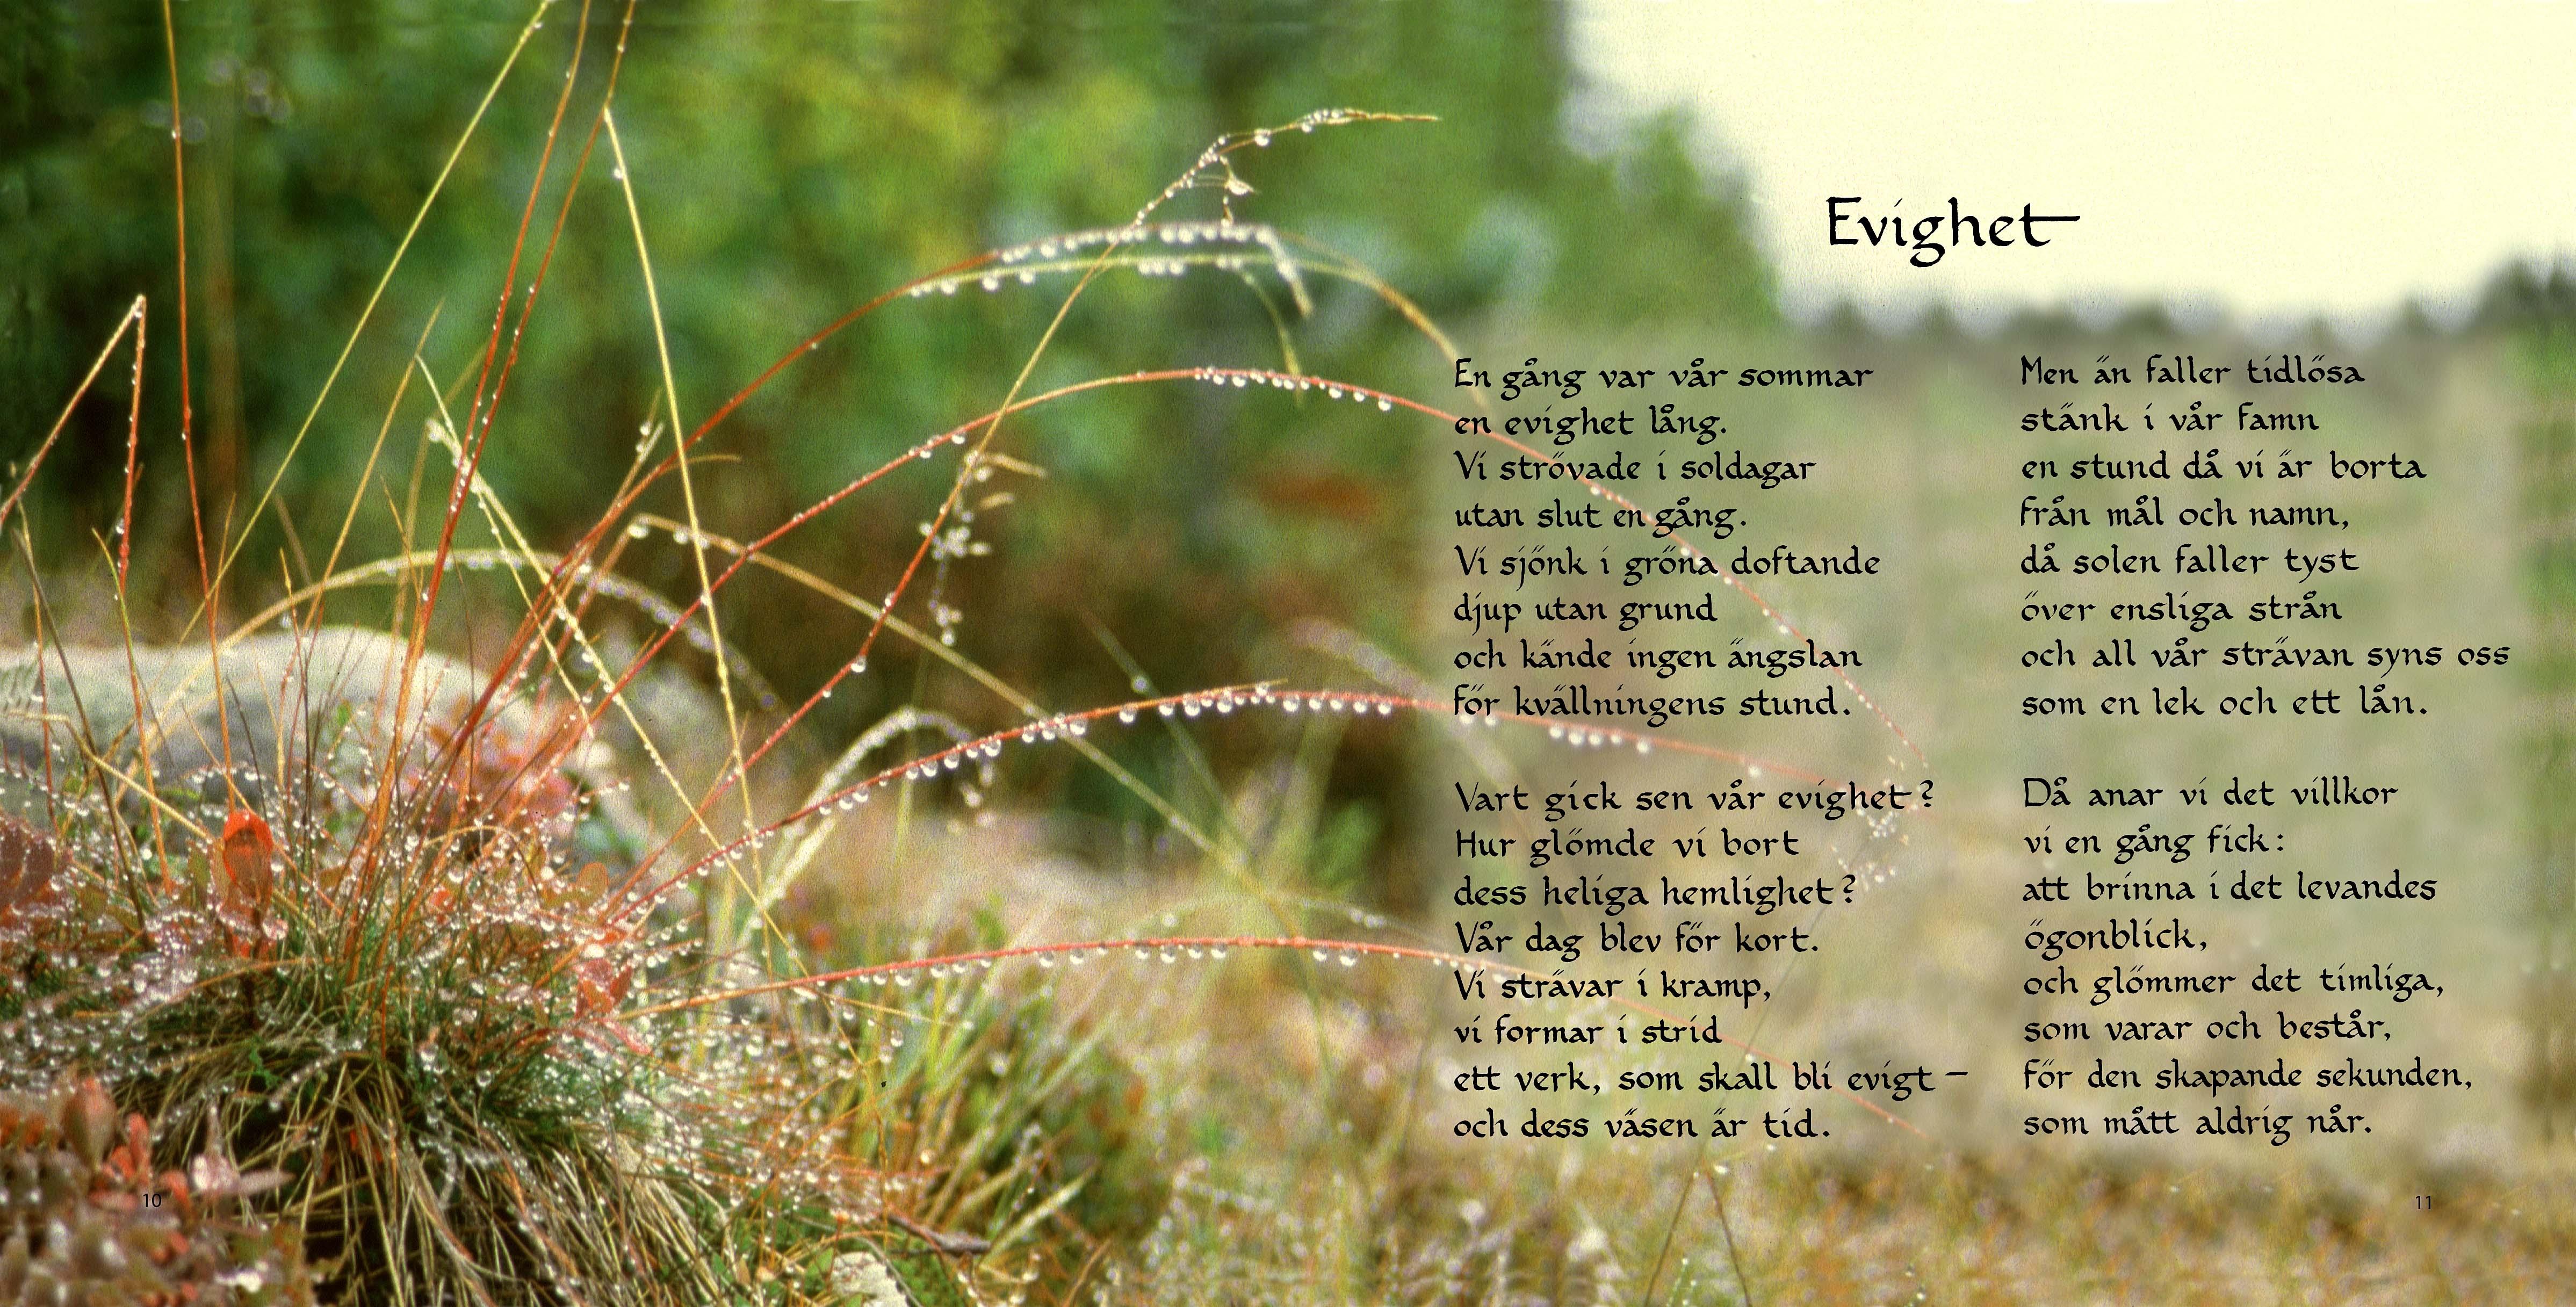 Bild från presentboken Till Dig